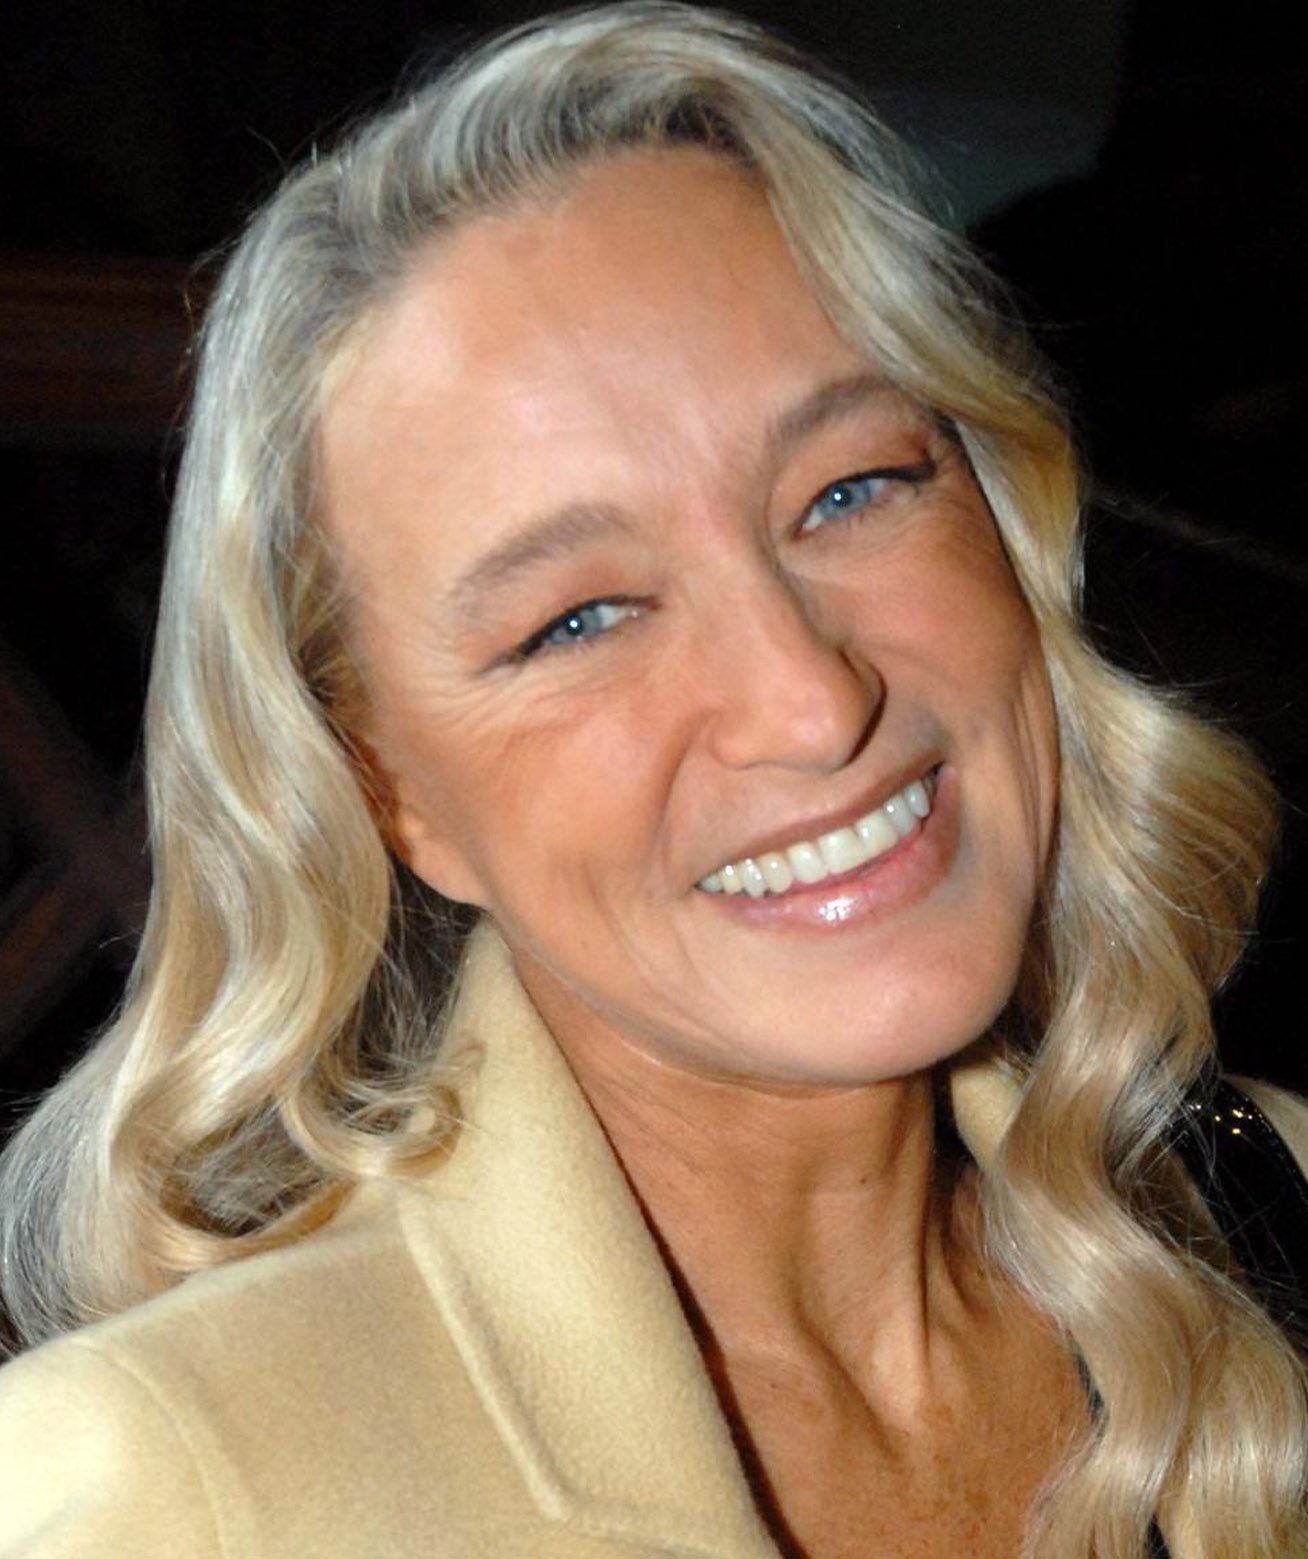 Eleonora Giorgi (born 1953)